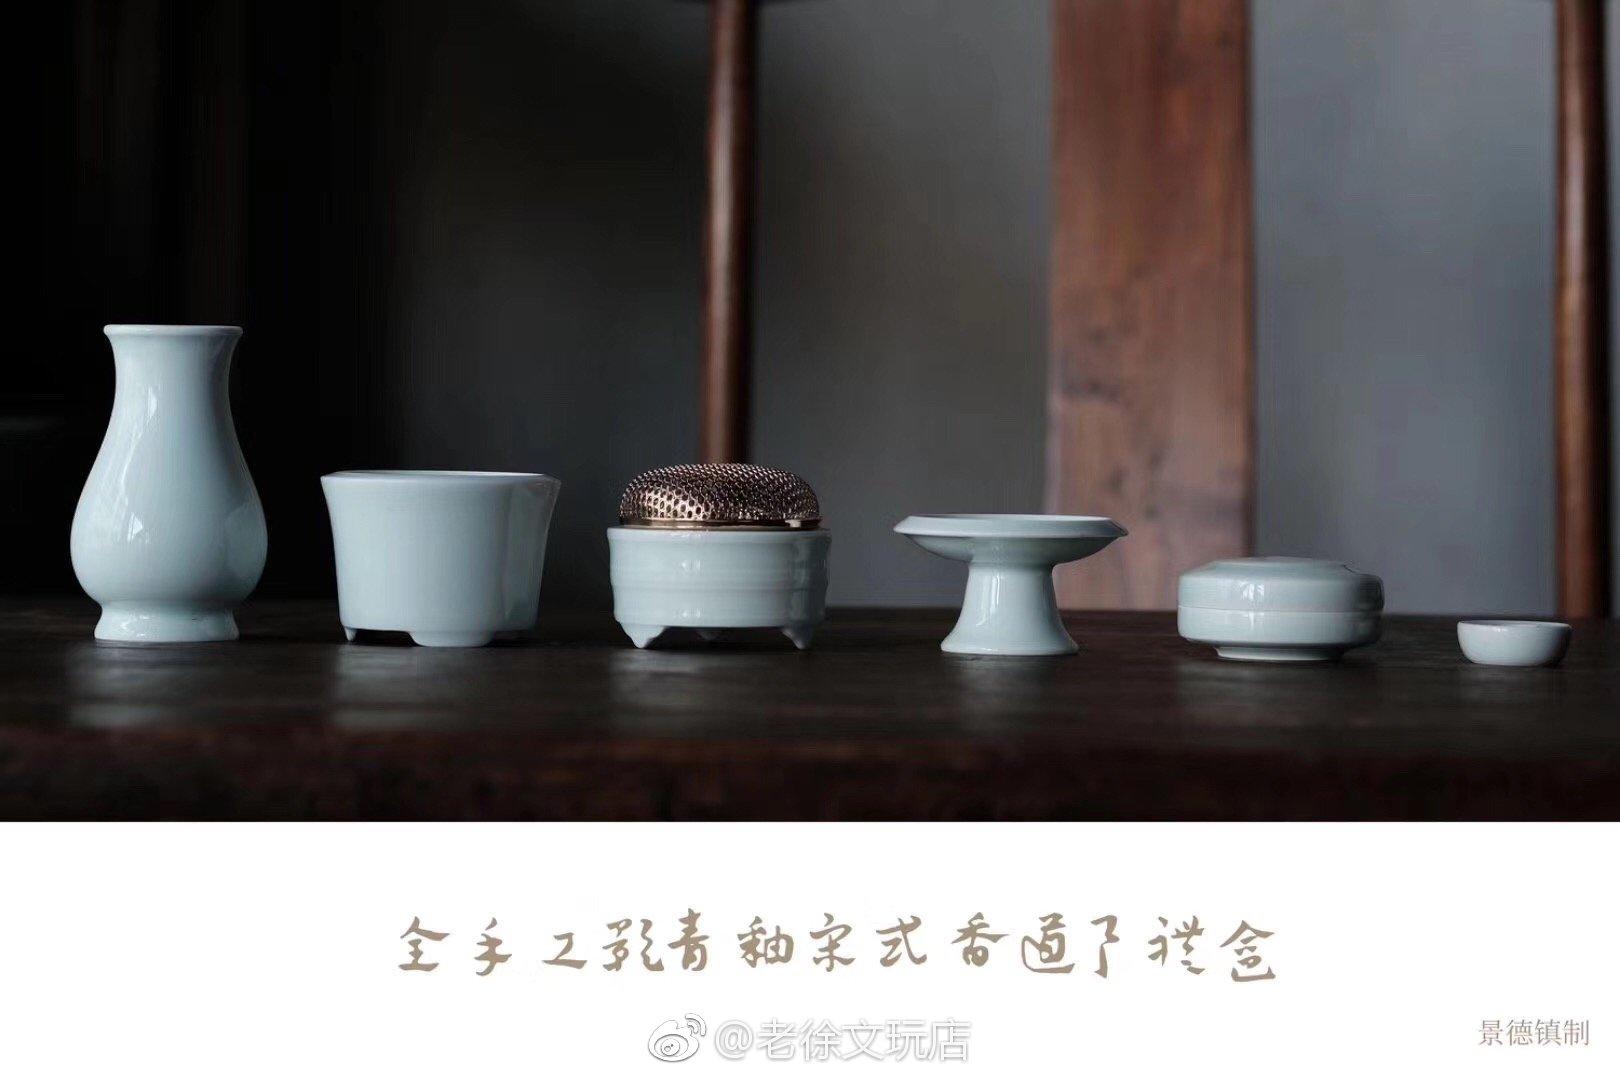 全手工精制影青釉香道具礼盒 @微博收藏